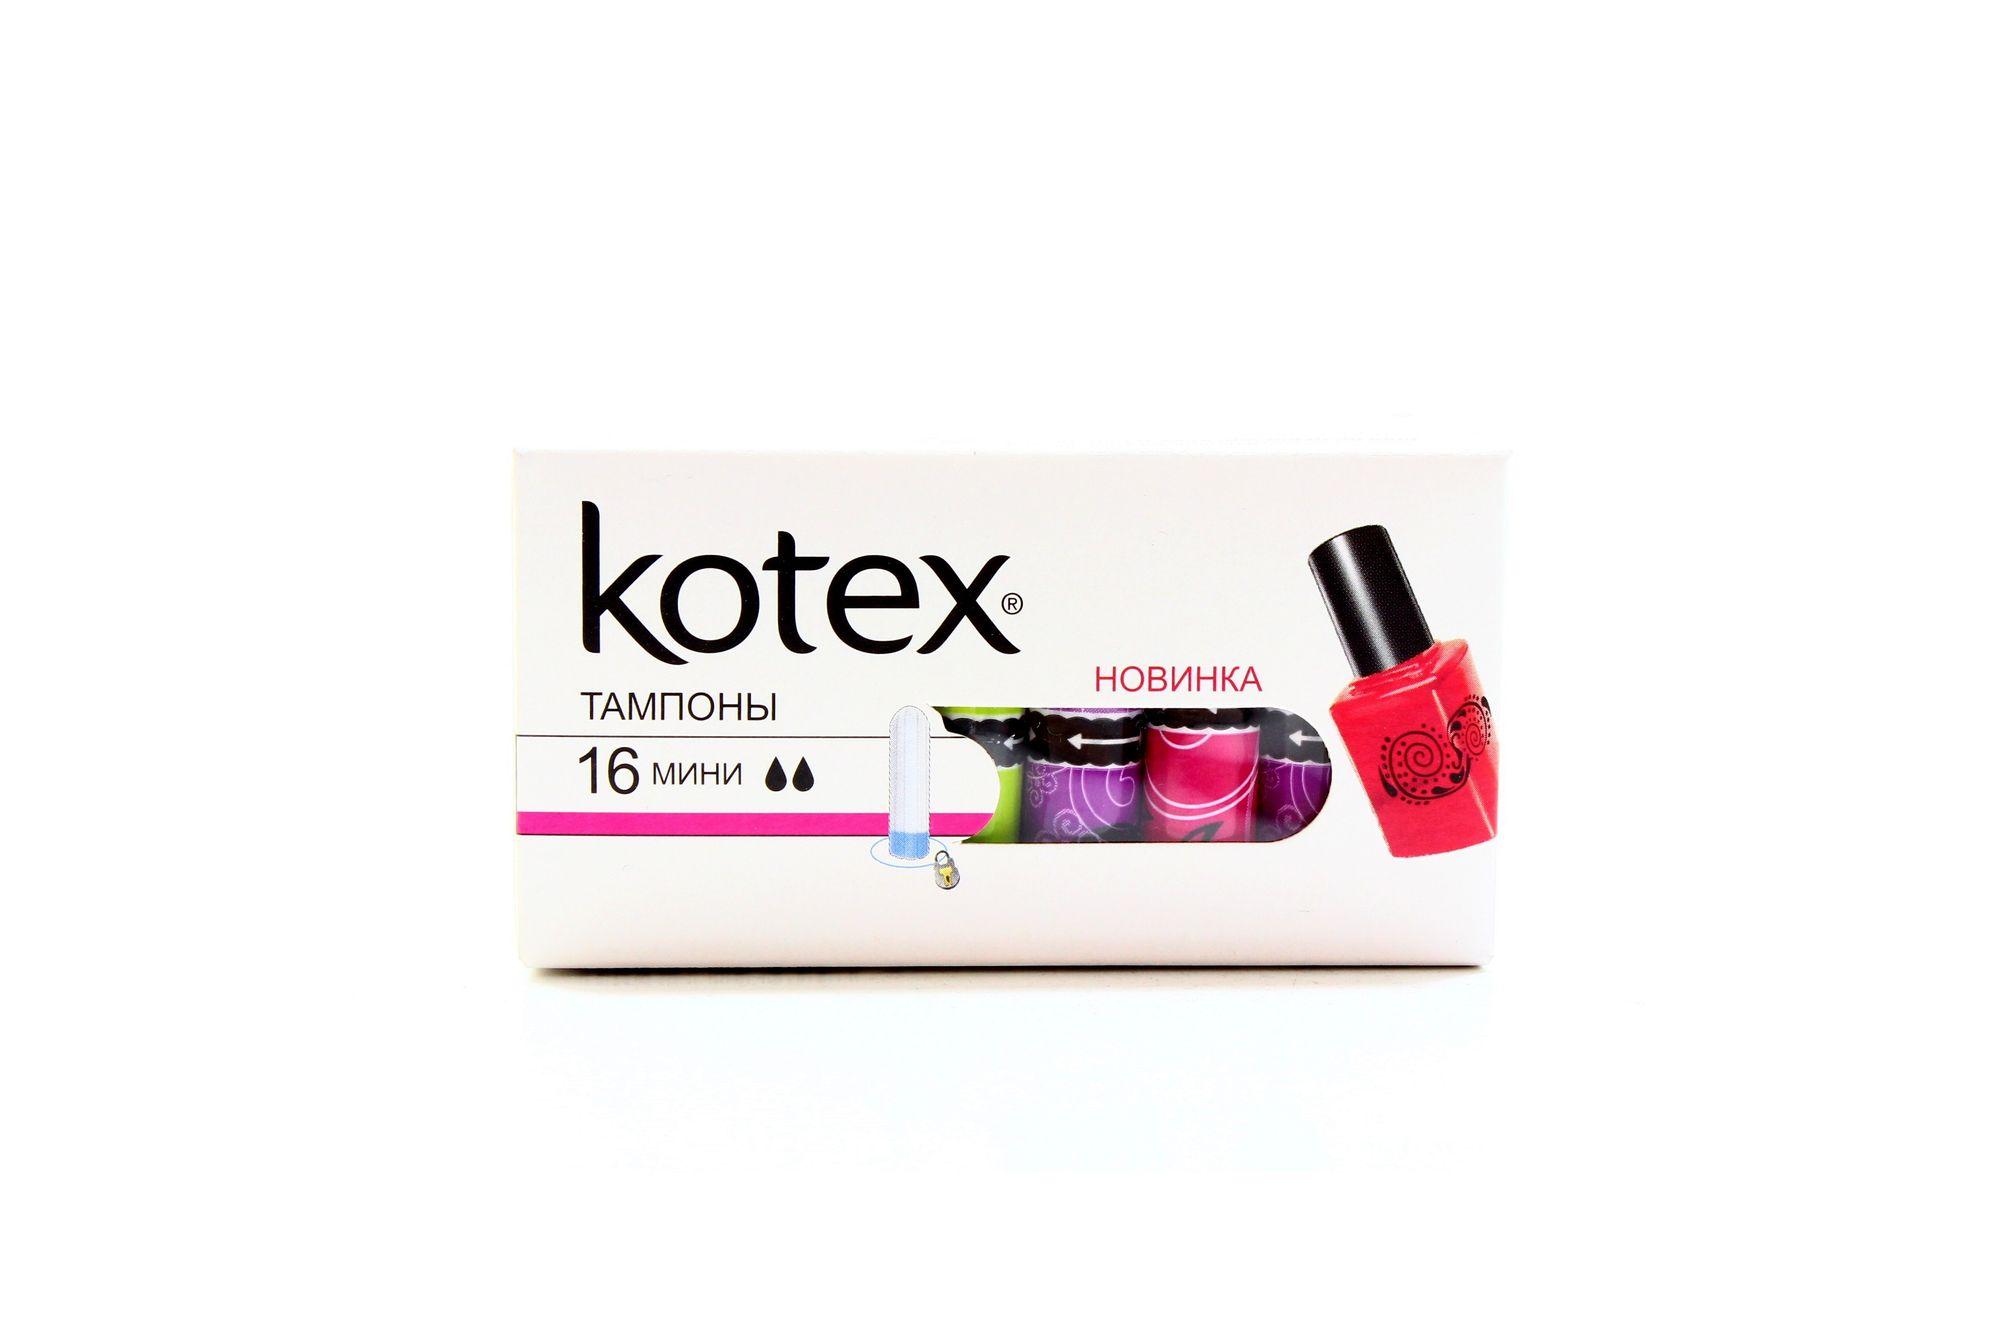 Kotex Mini тампоны женские гигиенические, тампоны вагинальные, 16 шт.